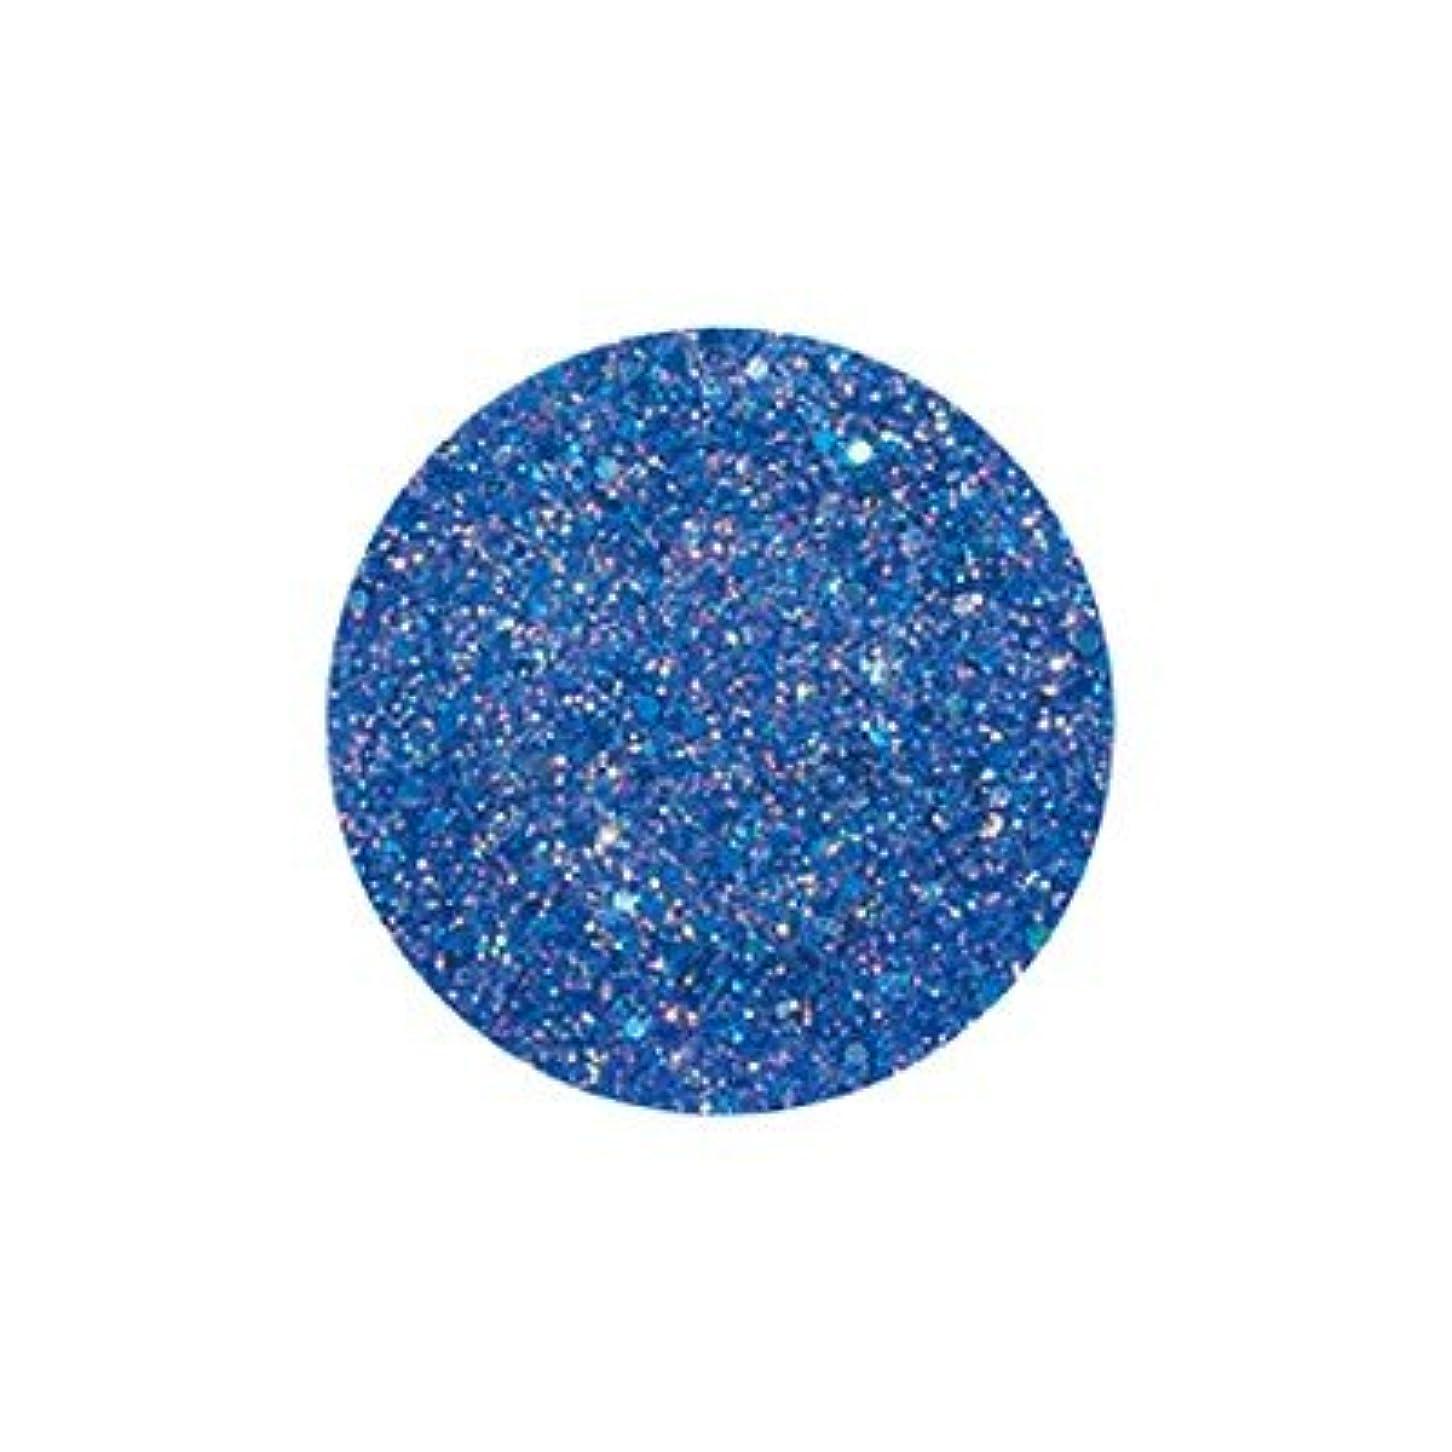 切り下げ印象派砲撃FANTASY NAIL ダイヤモンドコレクション 3g 4263XS カラーパウダー アート材